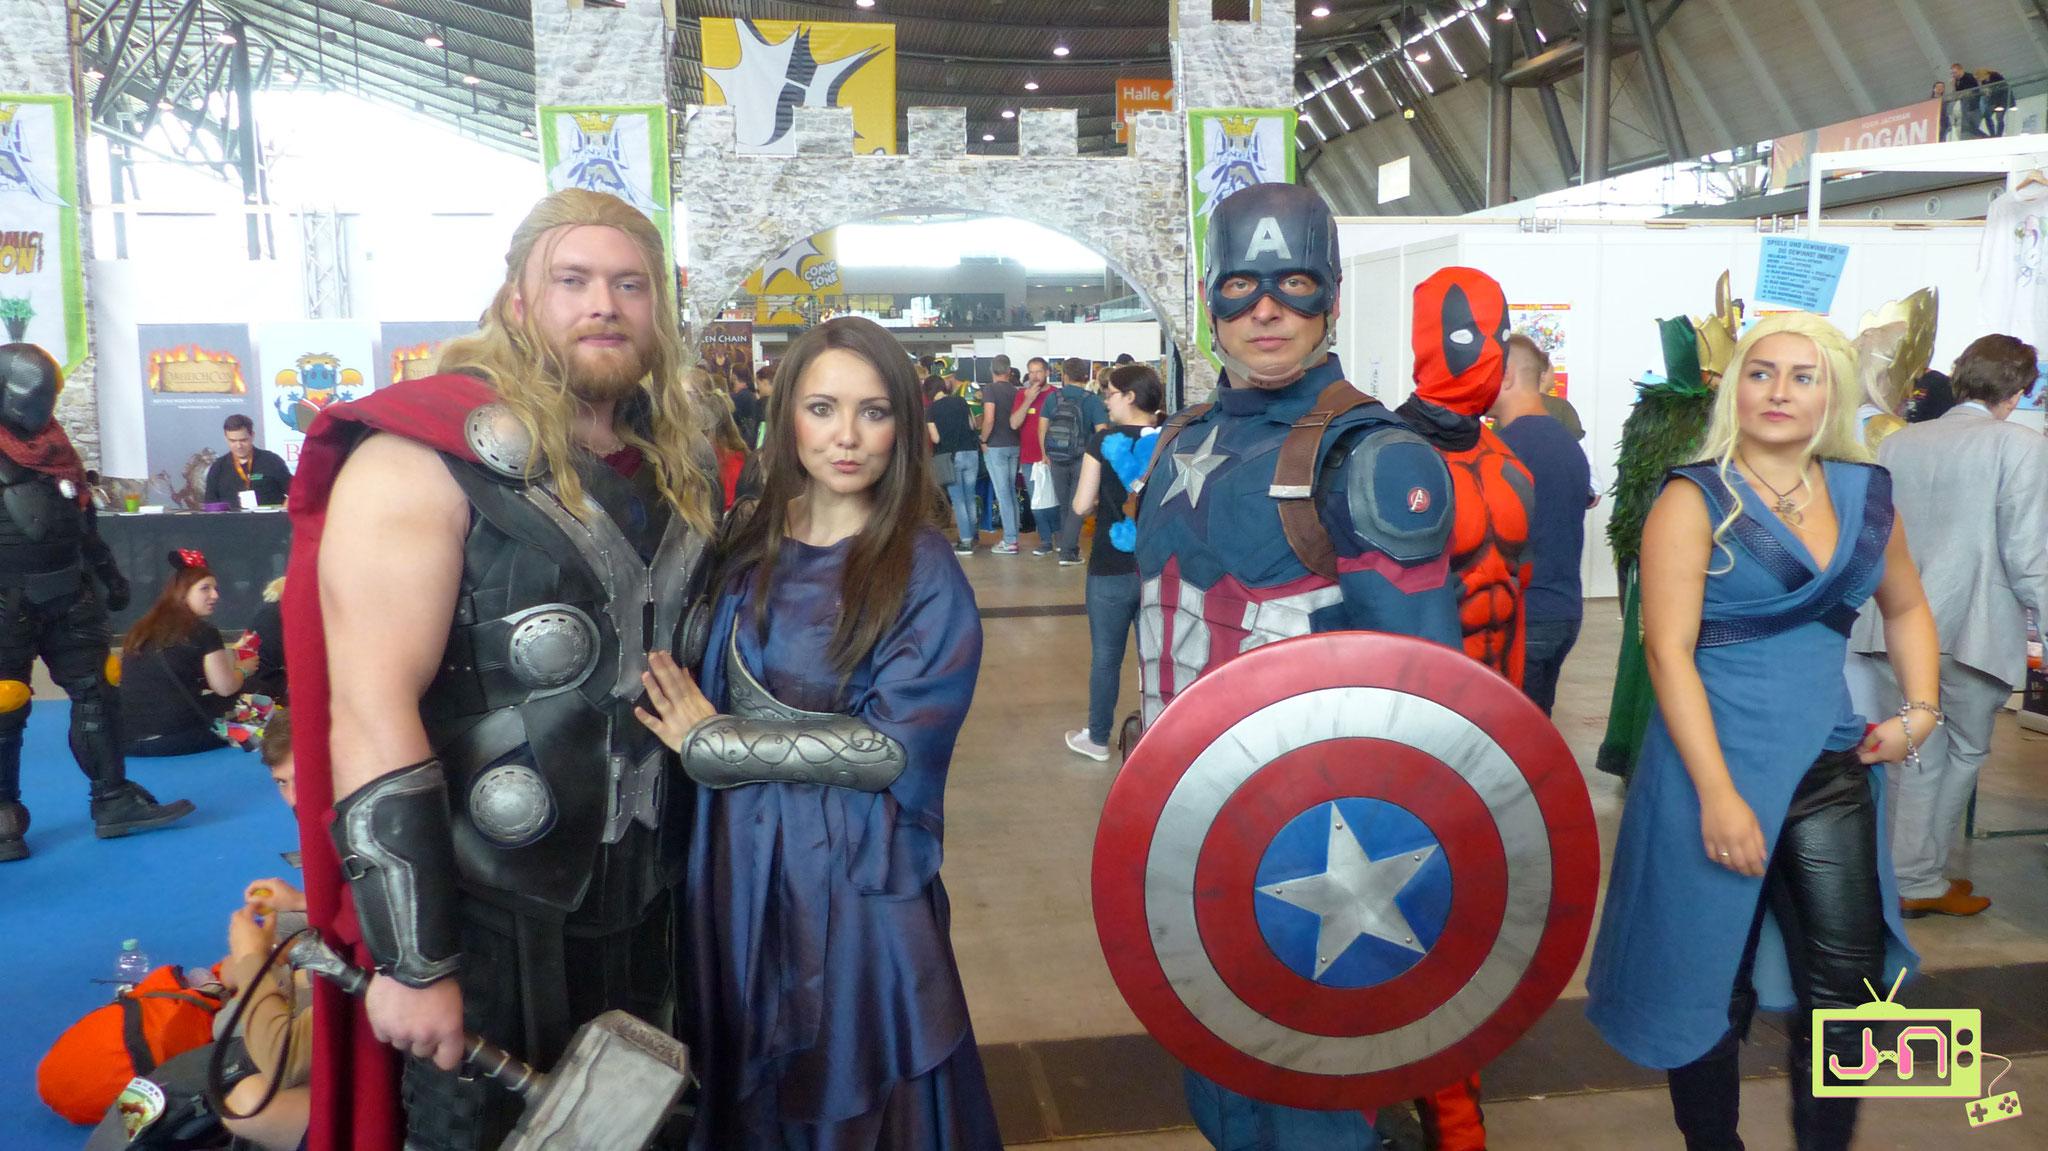 Avengers, sammeln!